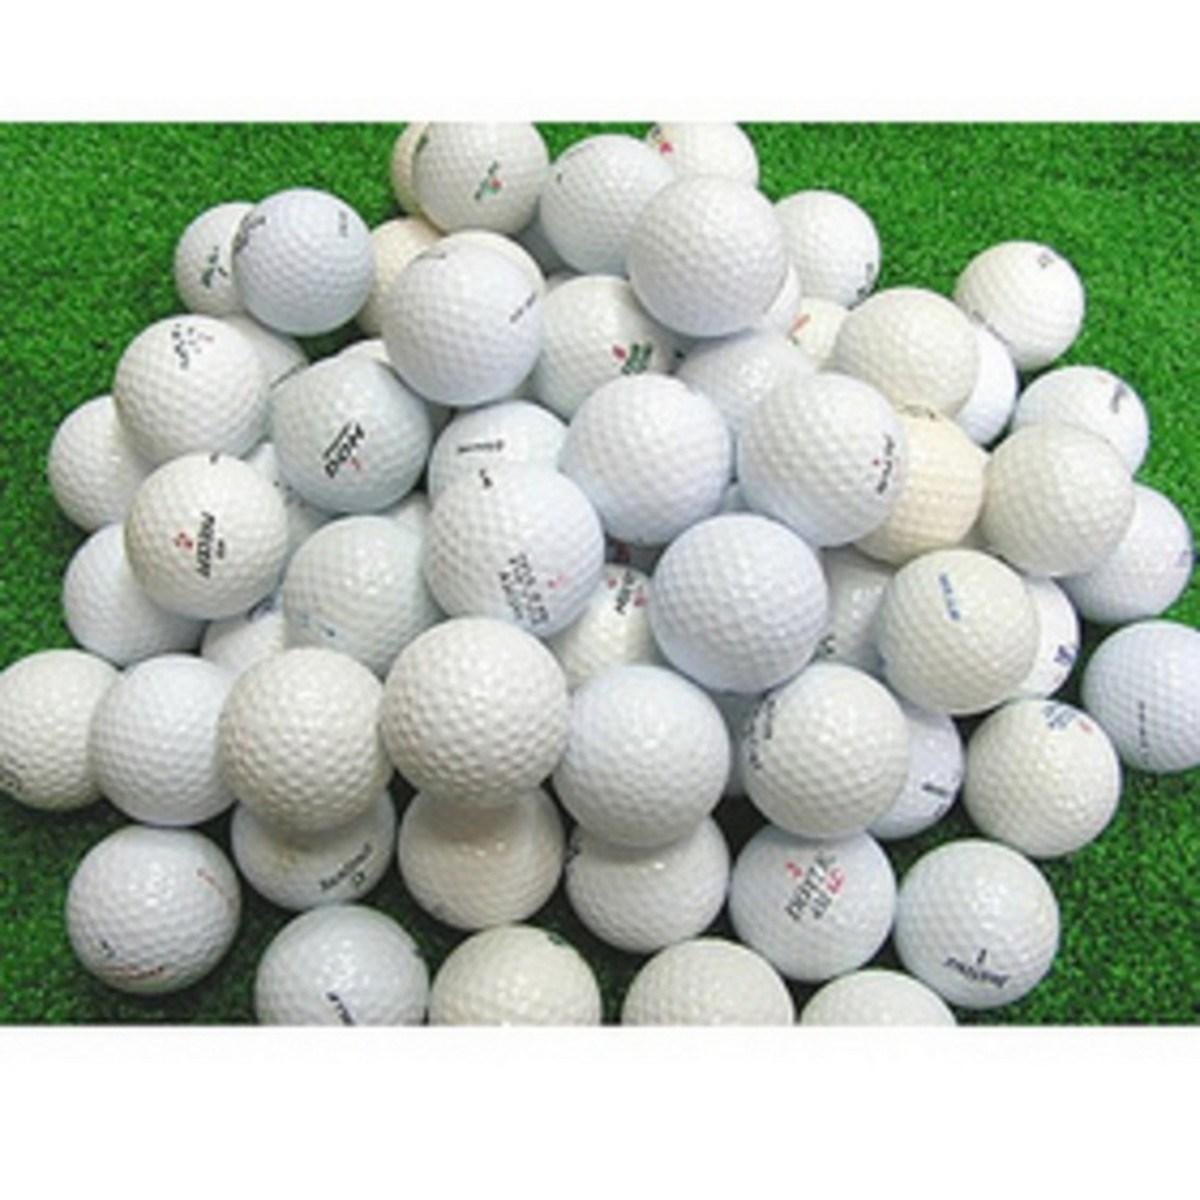 ロストボール メイホウゴルフ ロストボール 練習用ボール300個セット